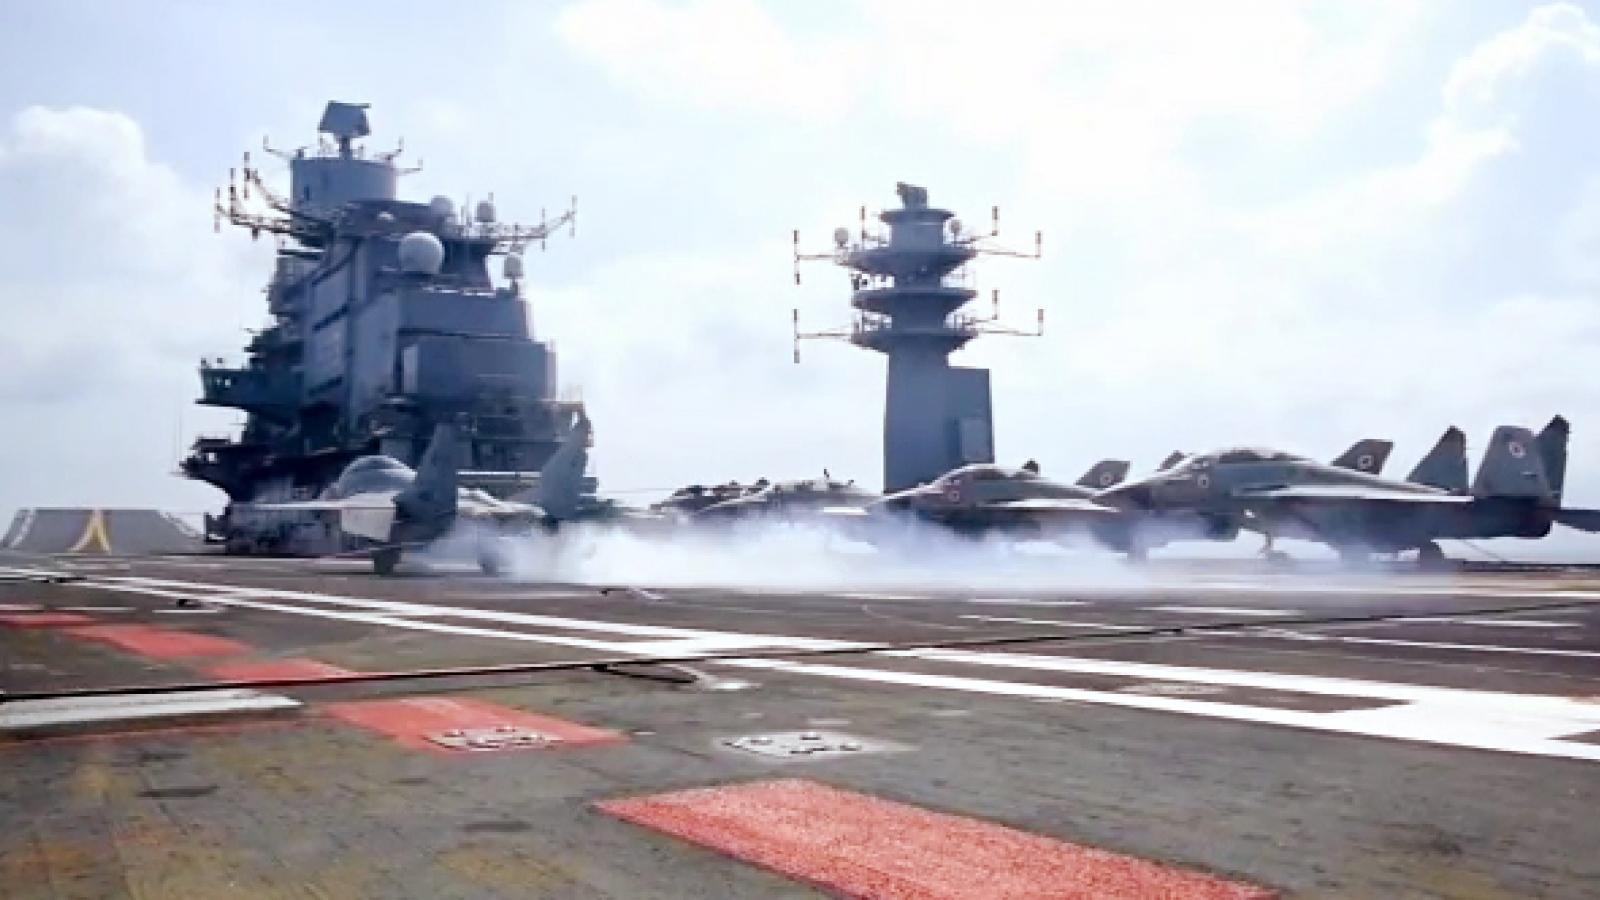 Ấn Độ bắt đầu chạy thử tàu sân bay tự đóng đầu tiên